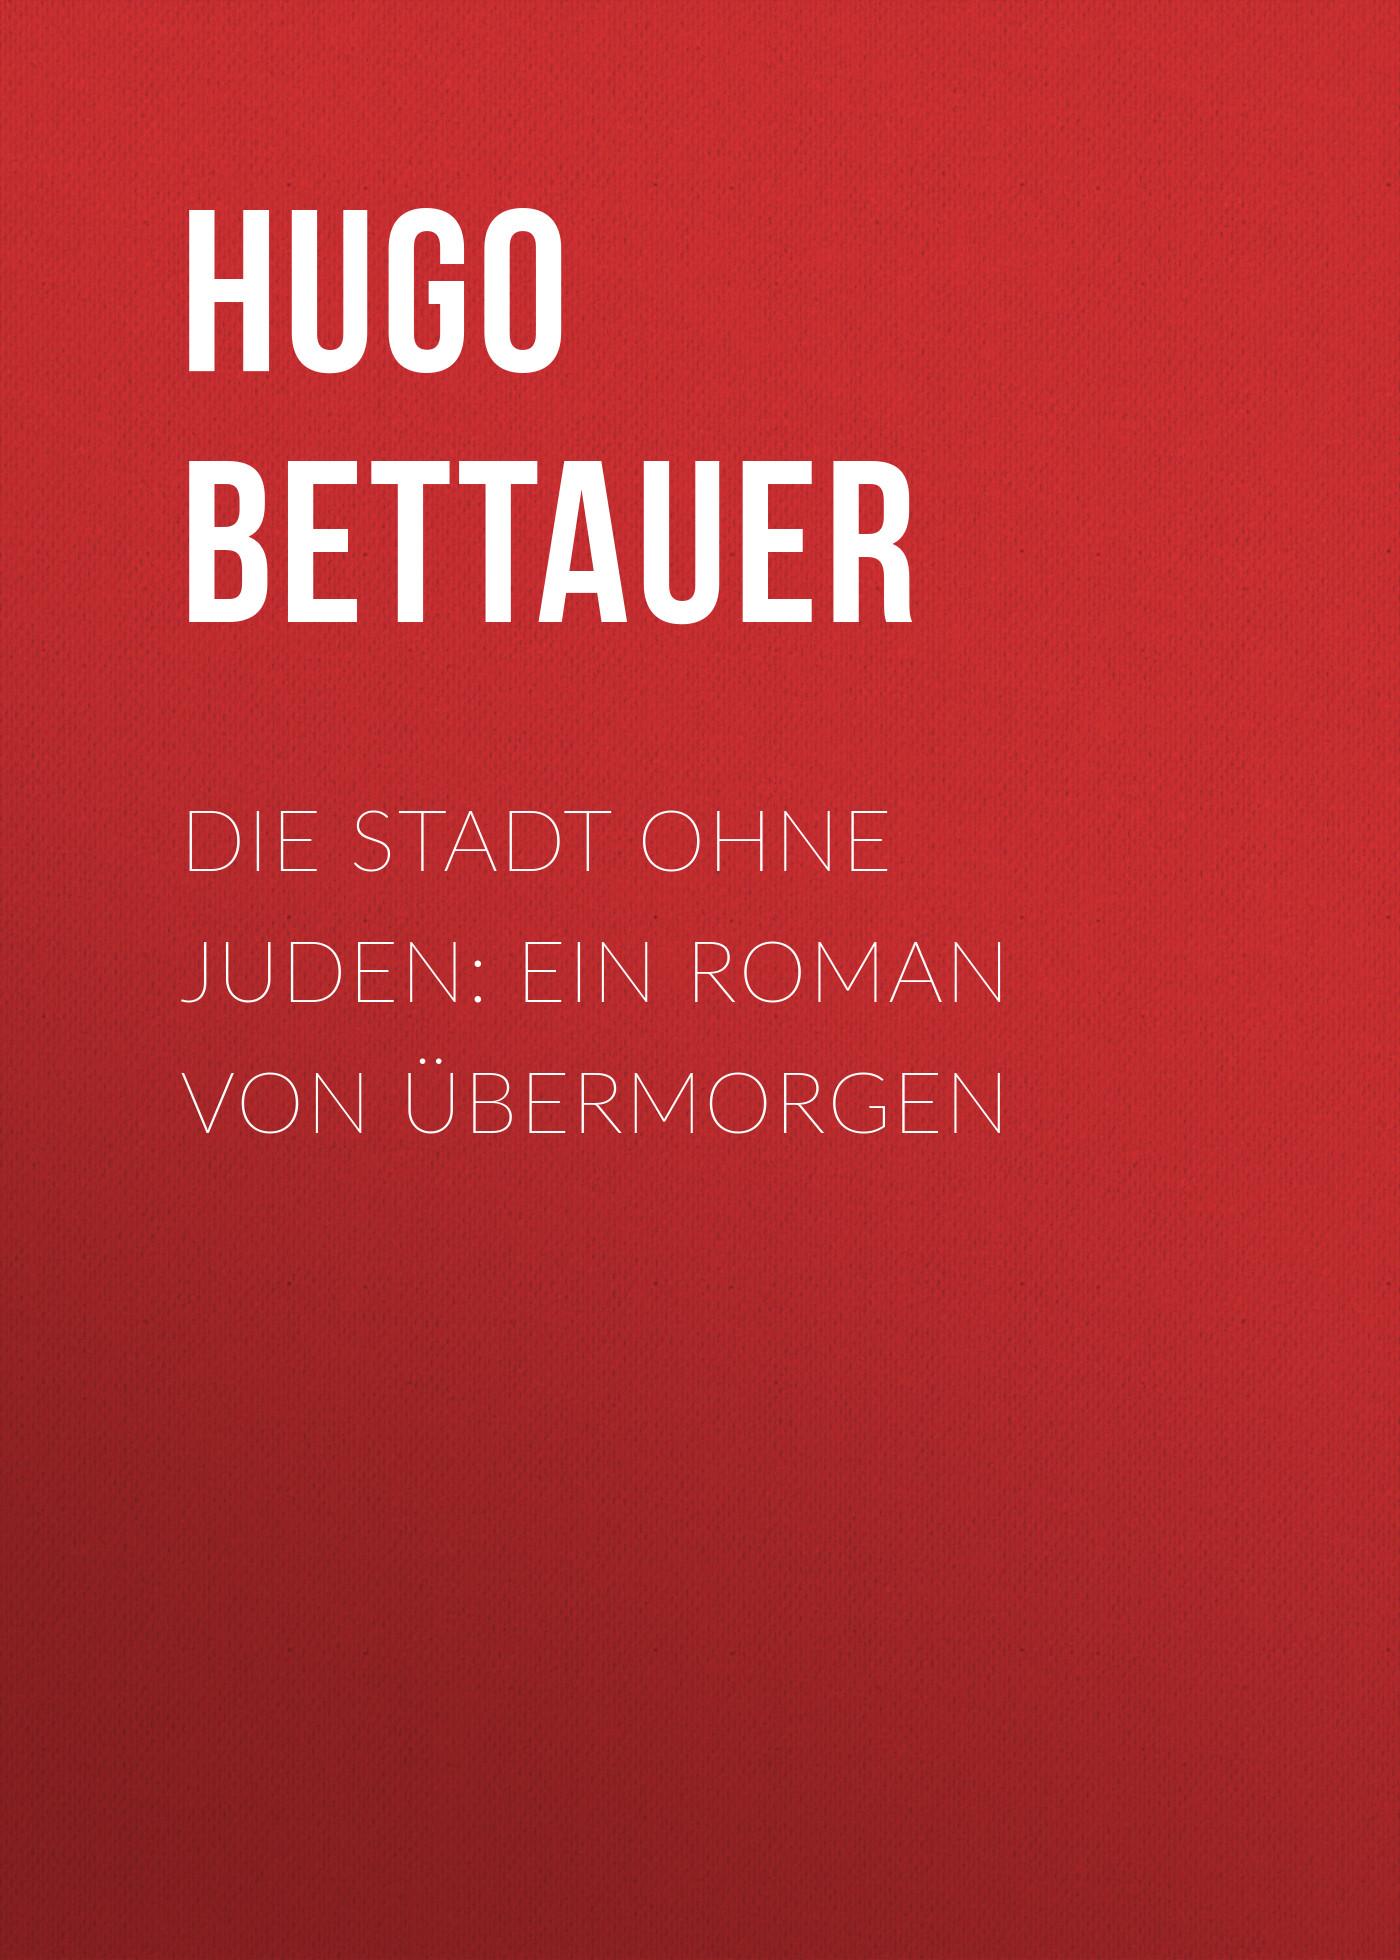 Hugo Bettauer Die Stadt ohne Juden: Ein Roman von übermorgen jugend ohne gott